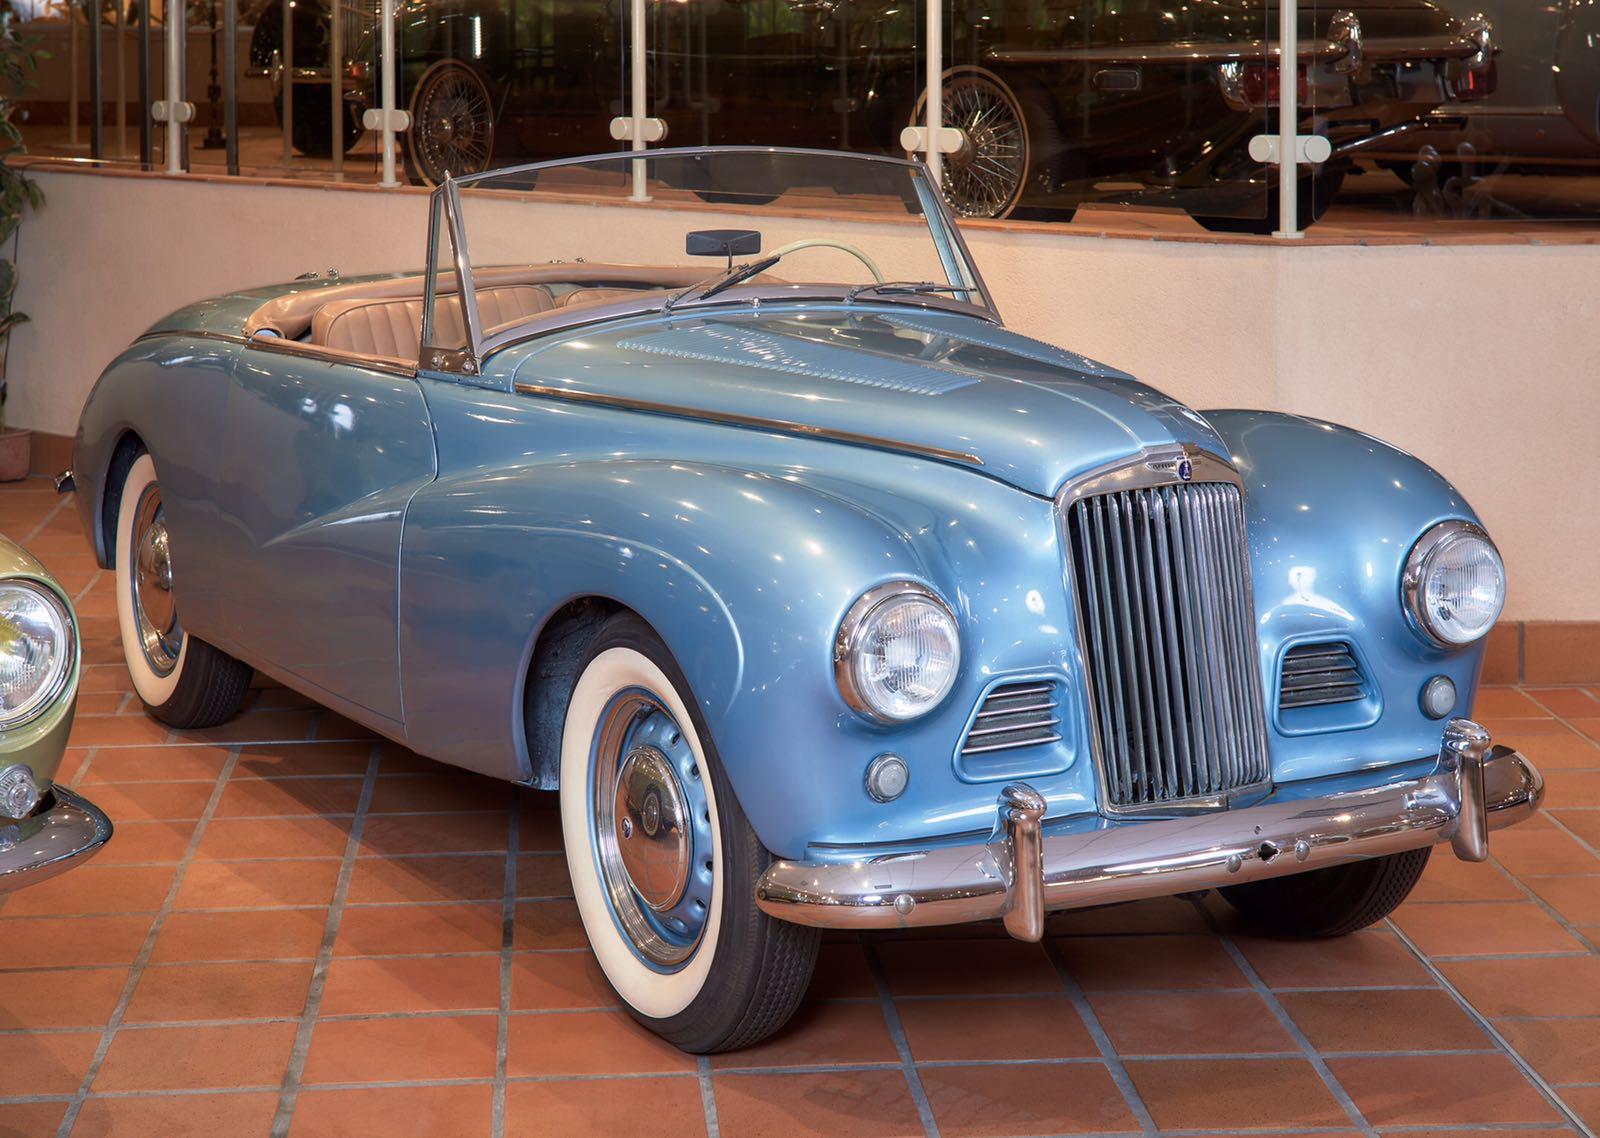 Коллекция автомобилей Его Светлости князя Монако — историческое наследие семьи Гримальди для будущих поколений